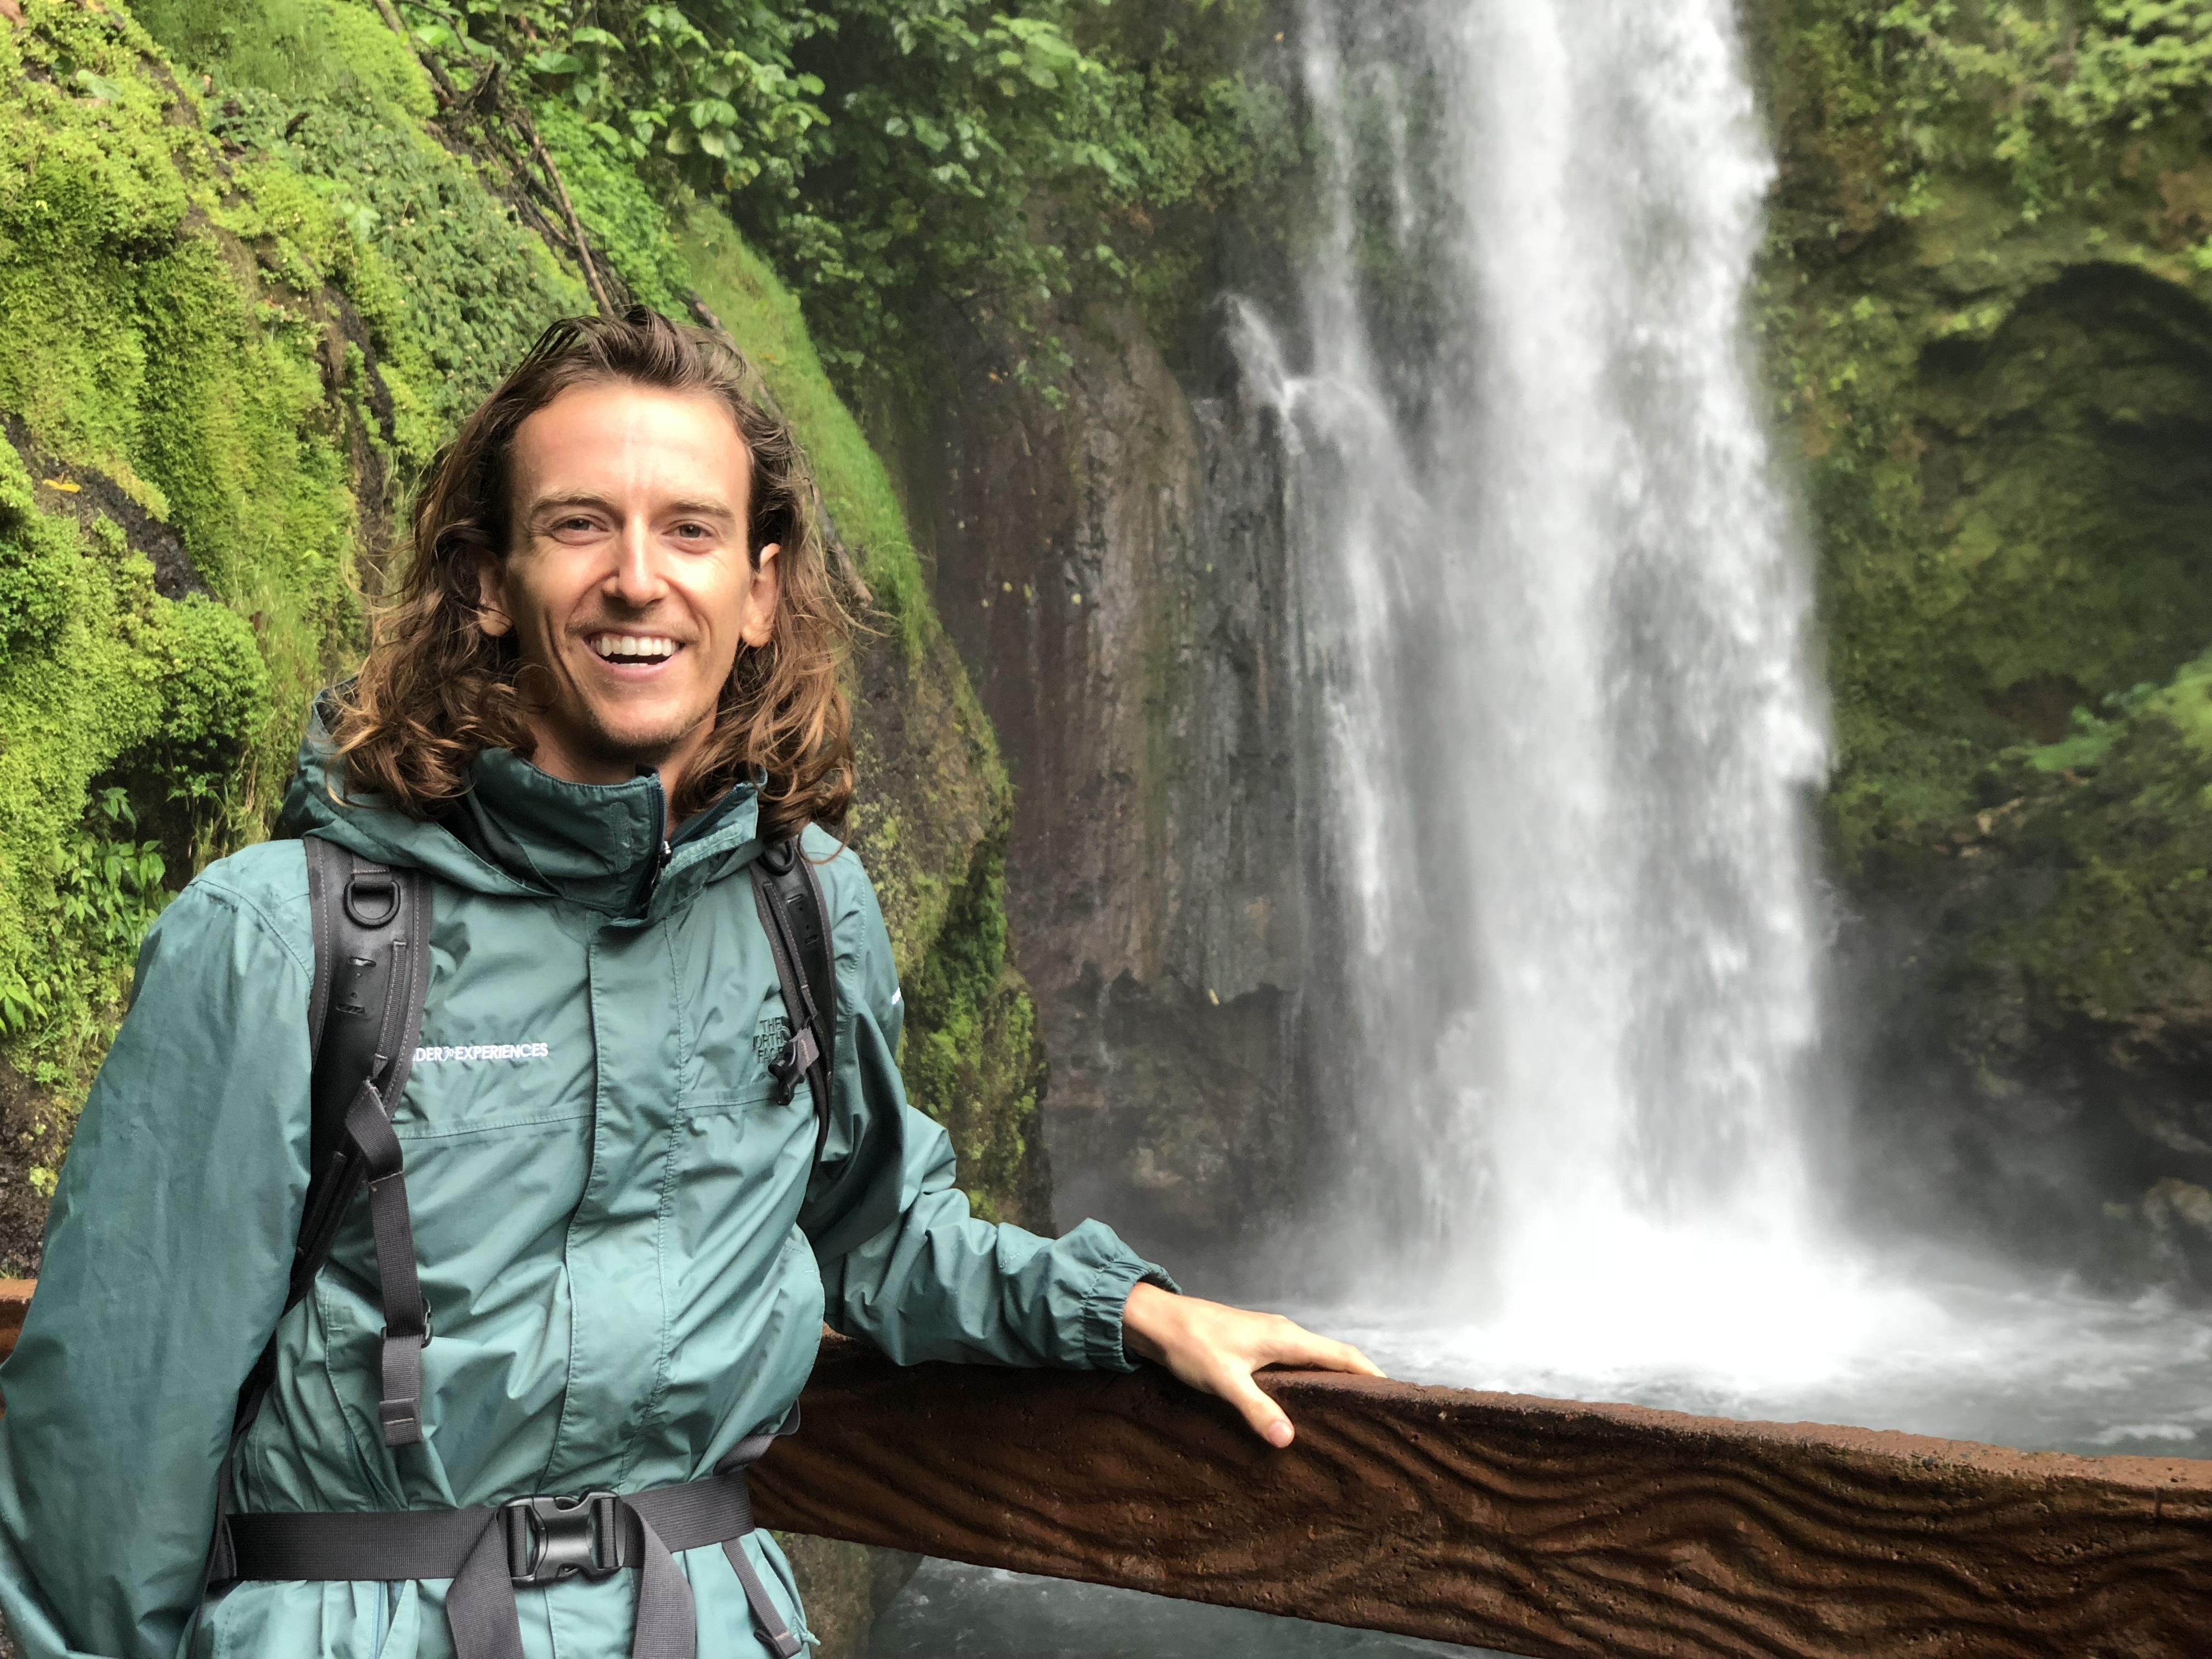 Solo Travel Guide to Costa Rica